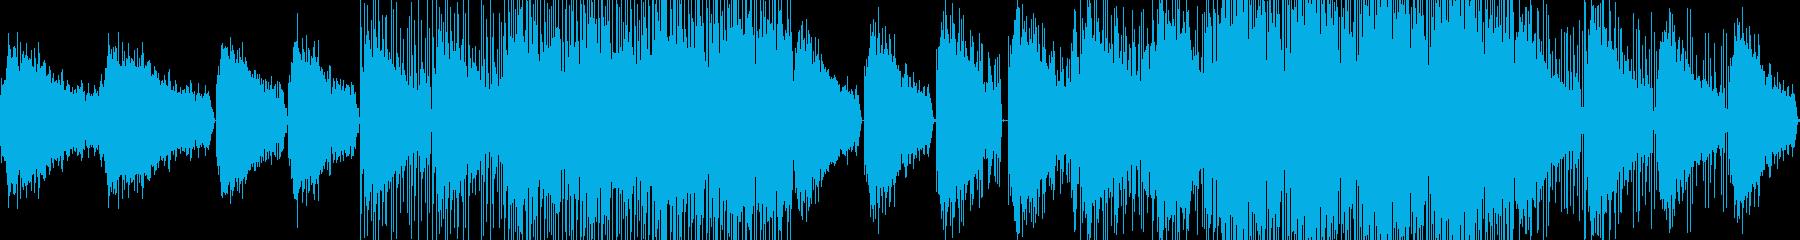 透明感と疾走感のあるドラムンベースの再生済みの波形